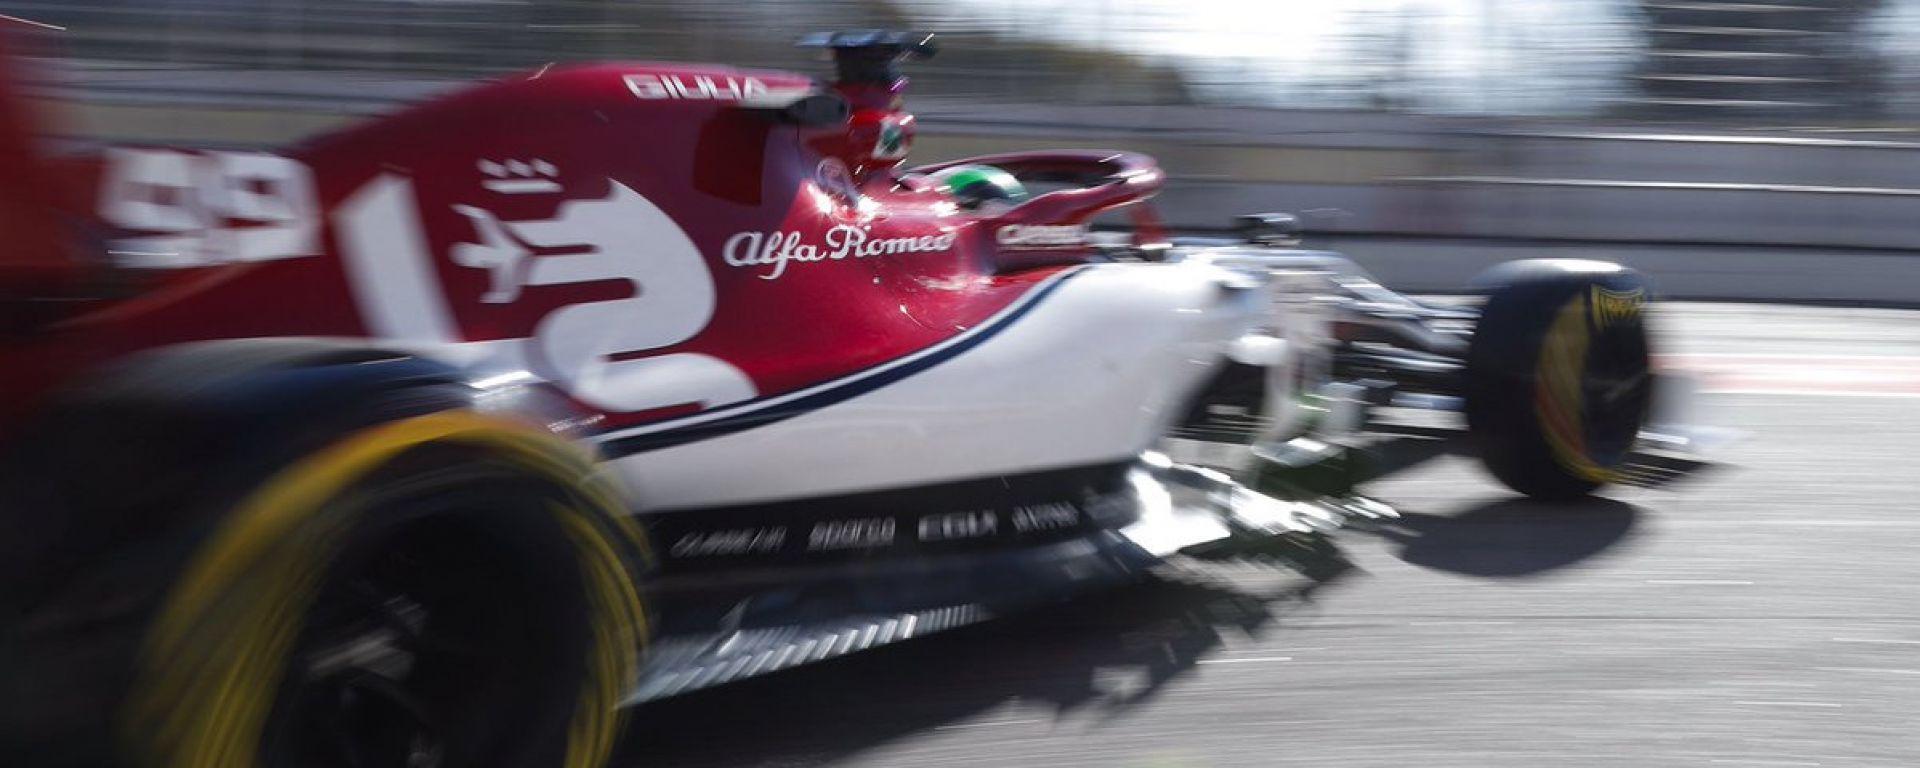 F1 Testing, Barcellona-2 day 1, Antonio Giovinazzi (Alfa Romeo)